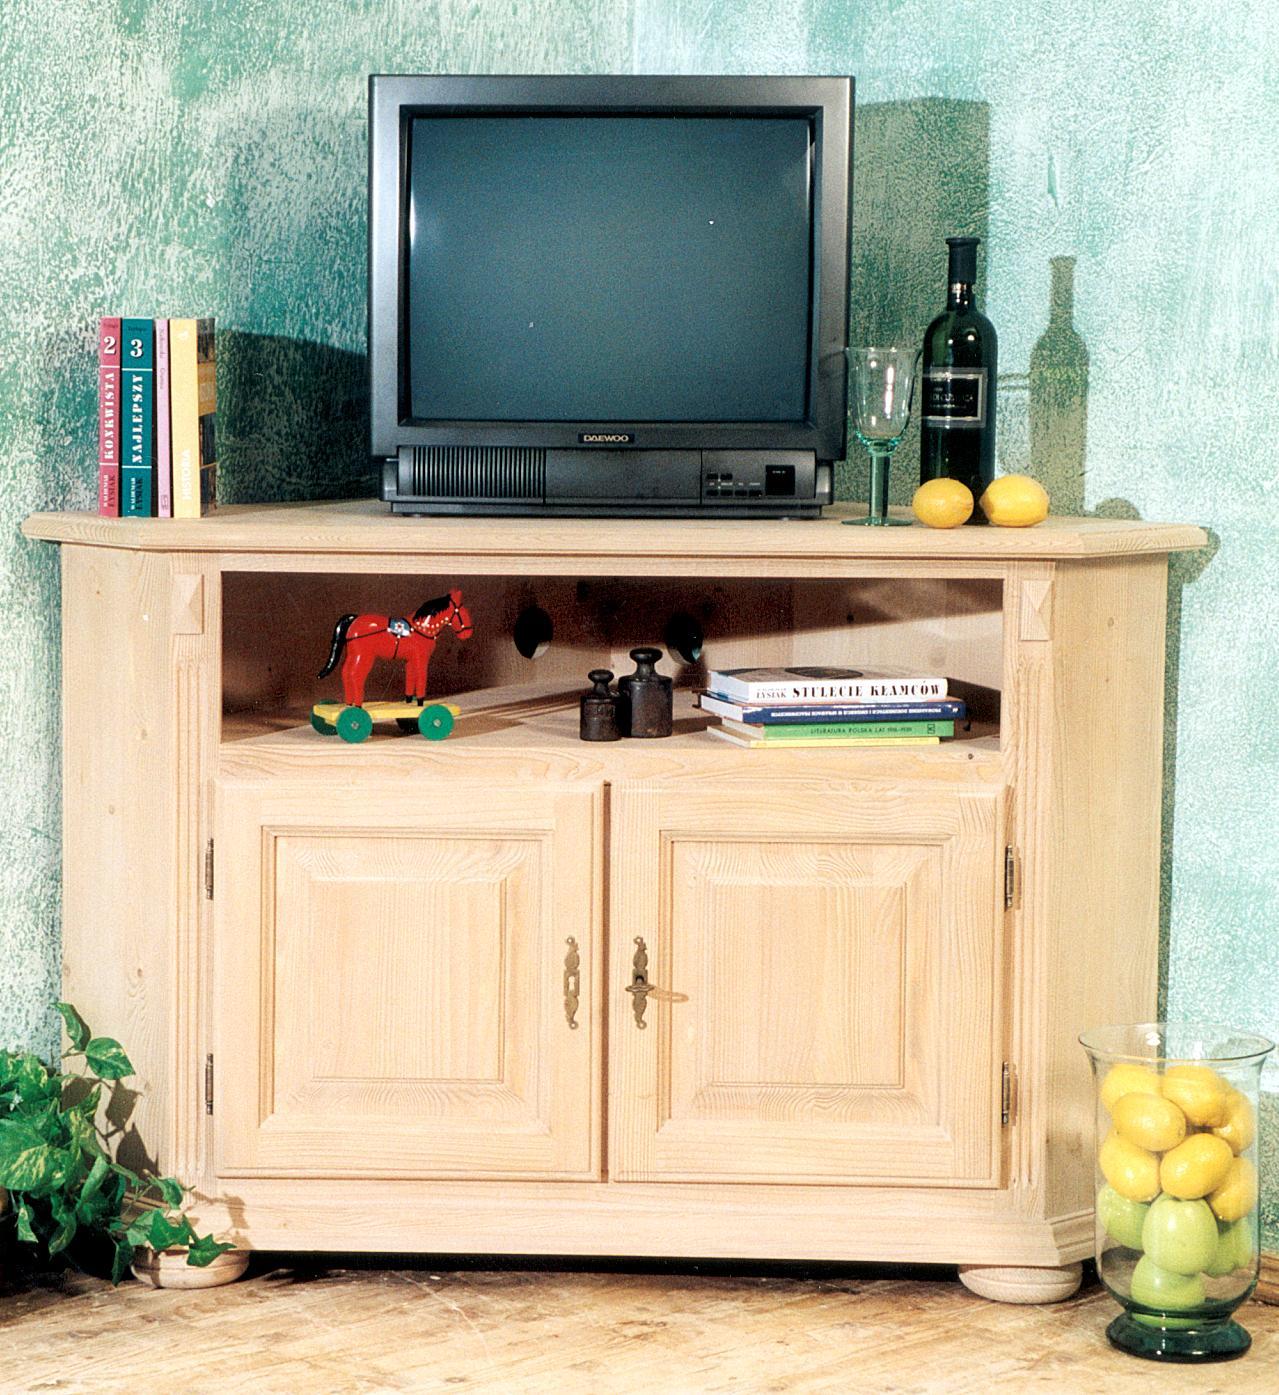 gro eckschrank f r fernseher galerie die kinderzimmer design ideen. Black Bedroom Furniture Sets. Home Design Ideas